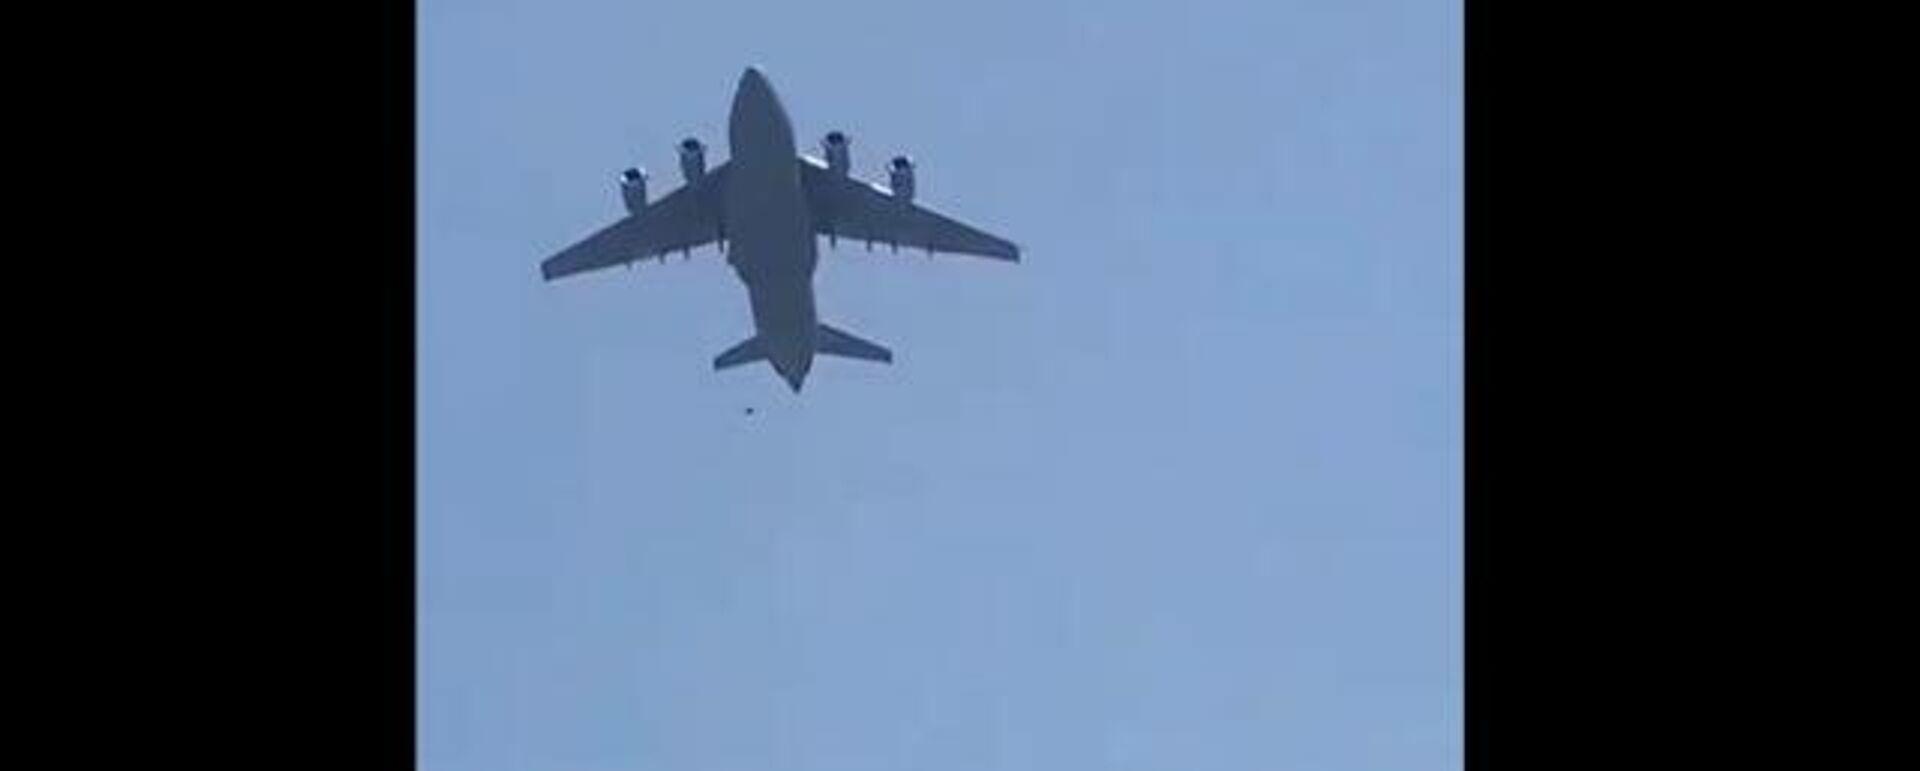 Афганцы зацепились за шасси вылетавшего из Кабула самолета и упали на землю - Sputnik Таджикистан, 1920, 16.08.2021